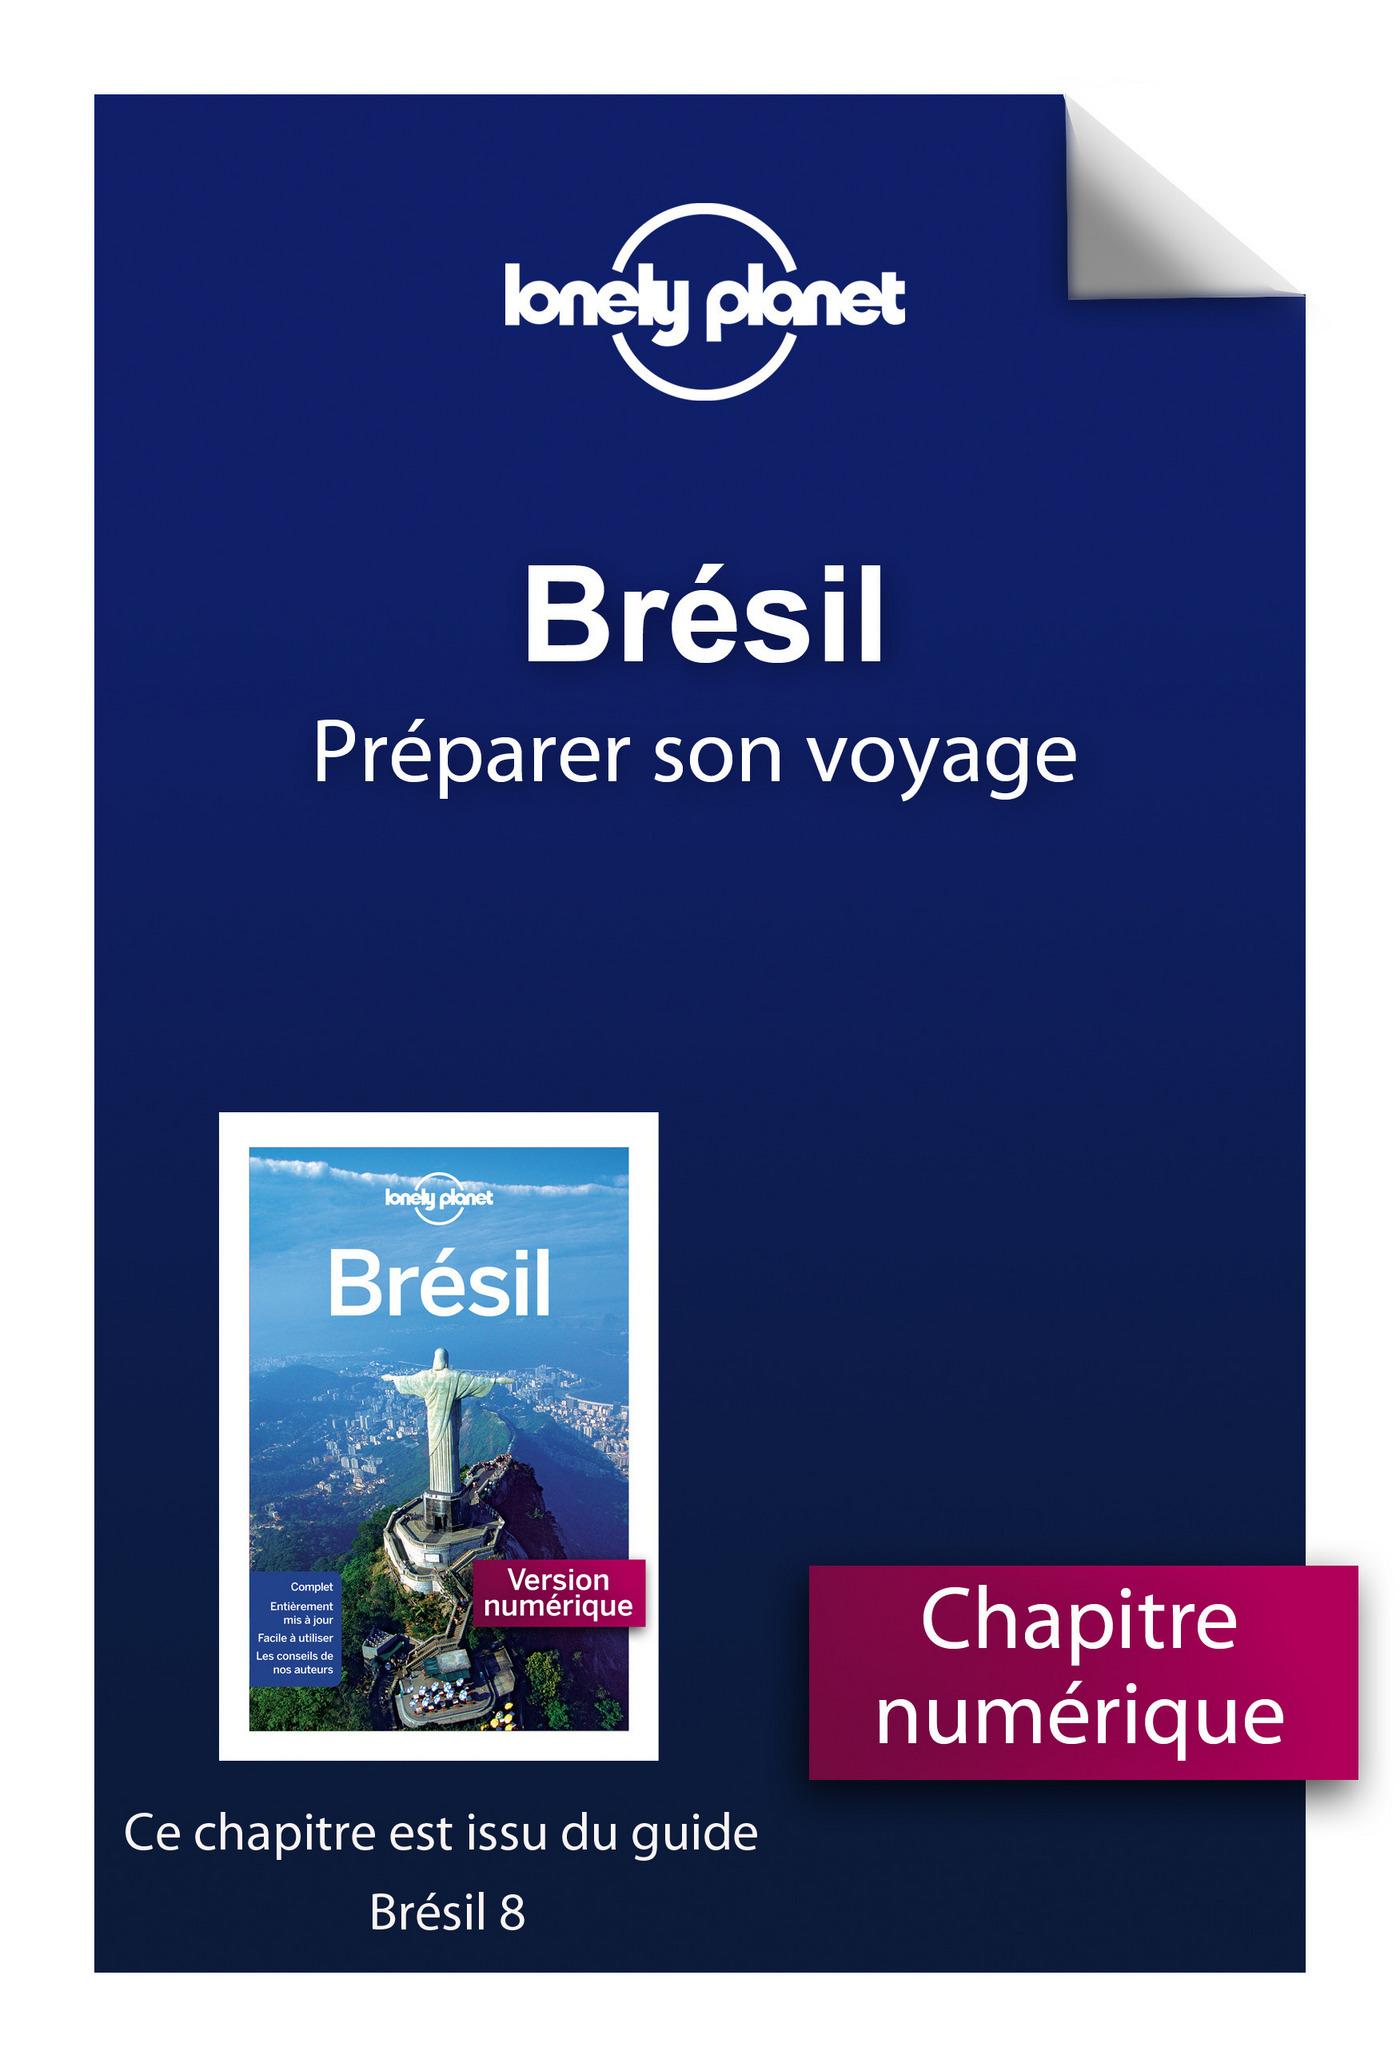 Brésil 8 - Préparer son voyage